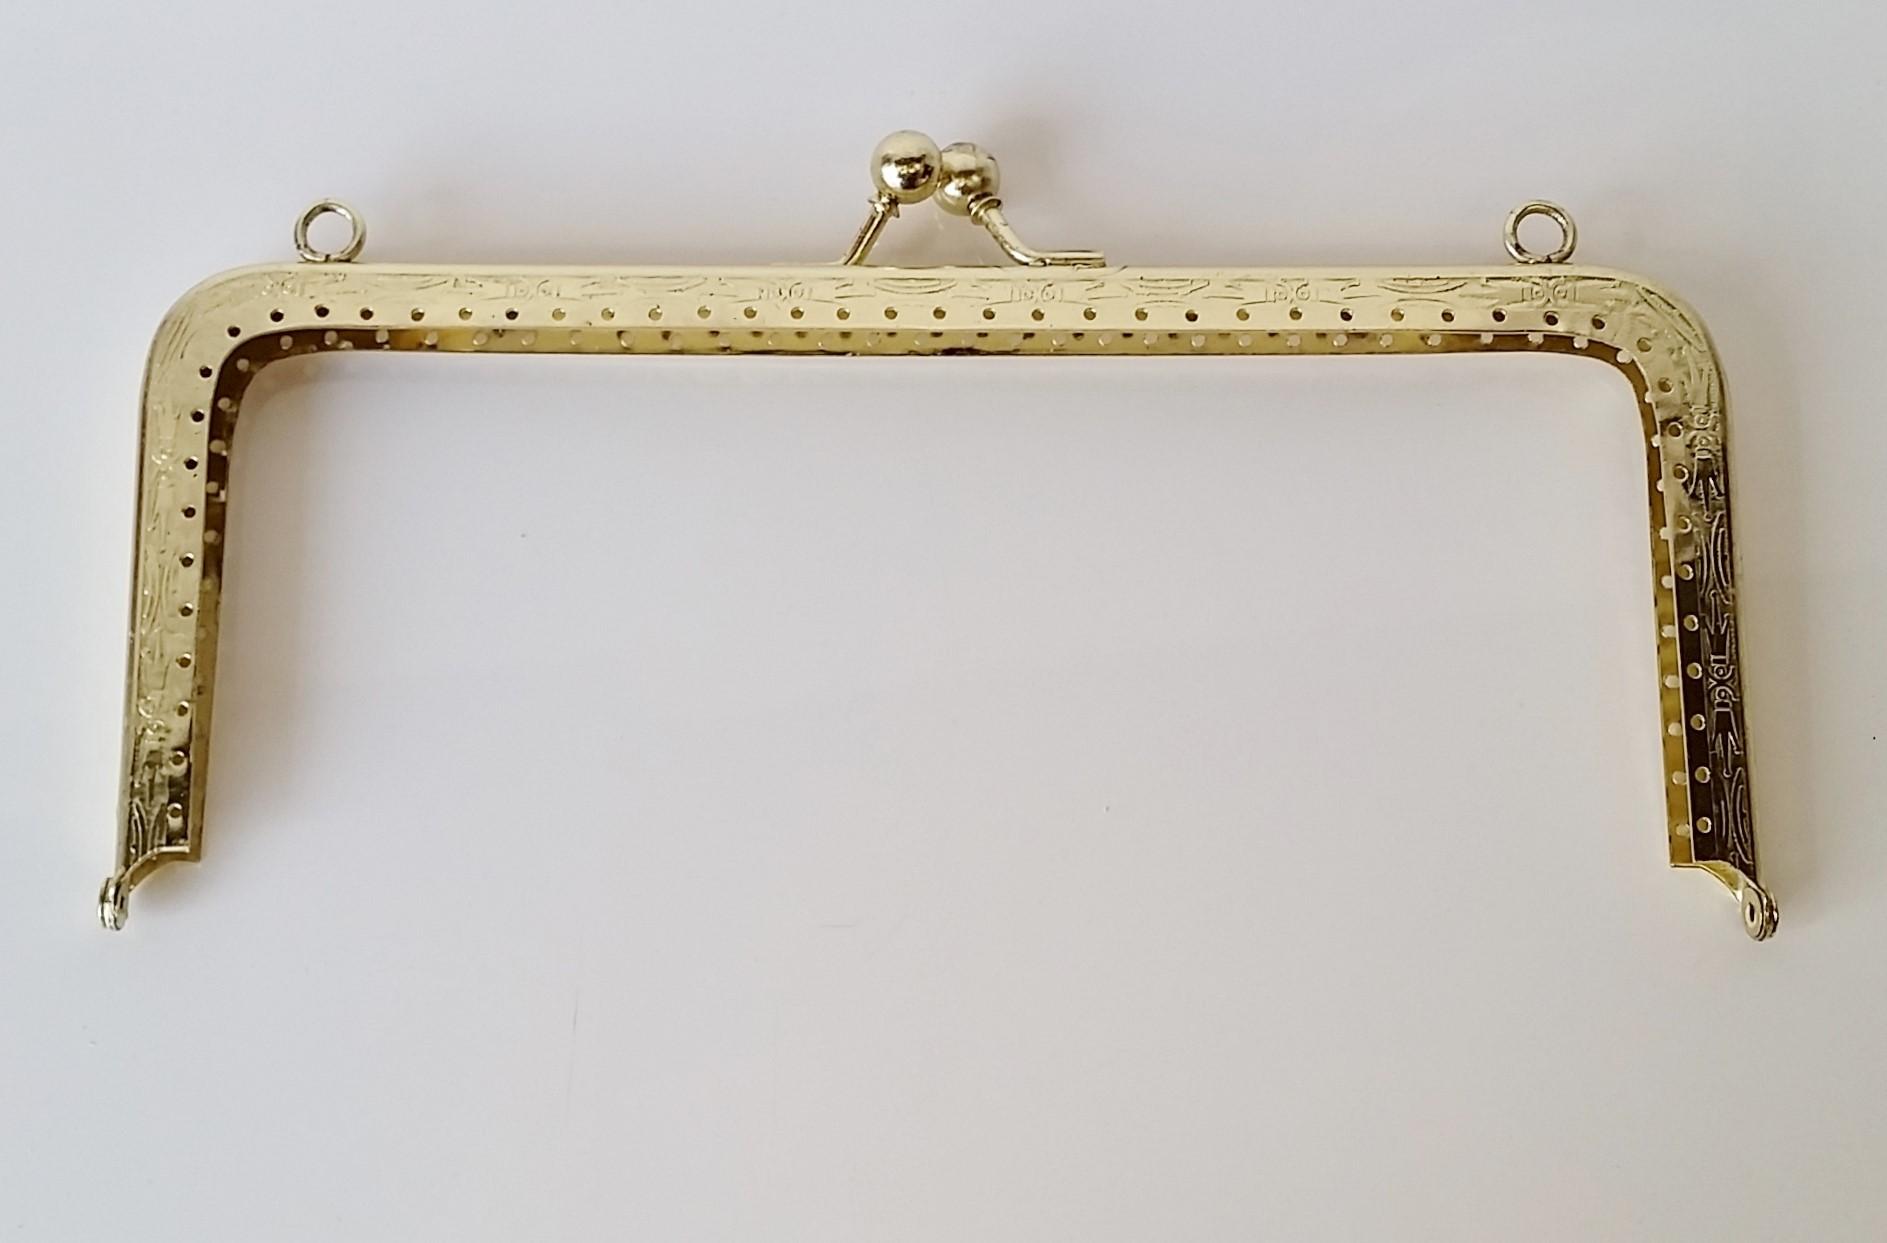 Armação 23cm x 10cm Desenhada c/ furos e argolas Latonada